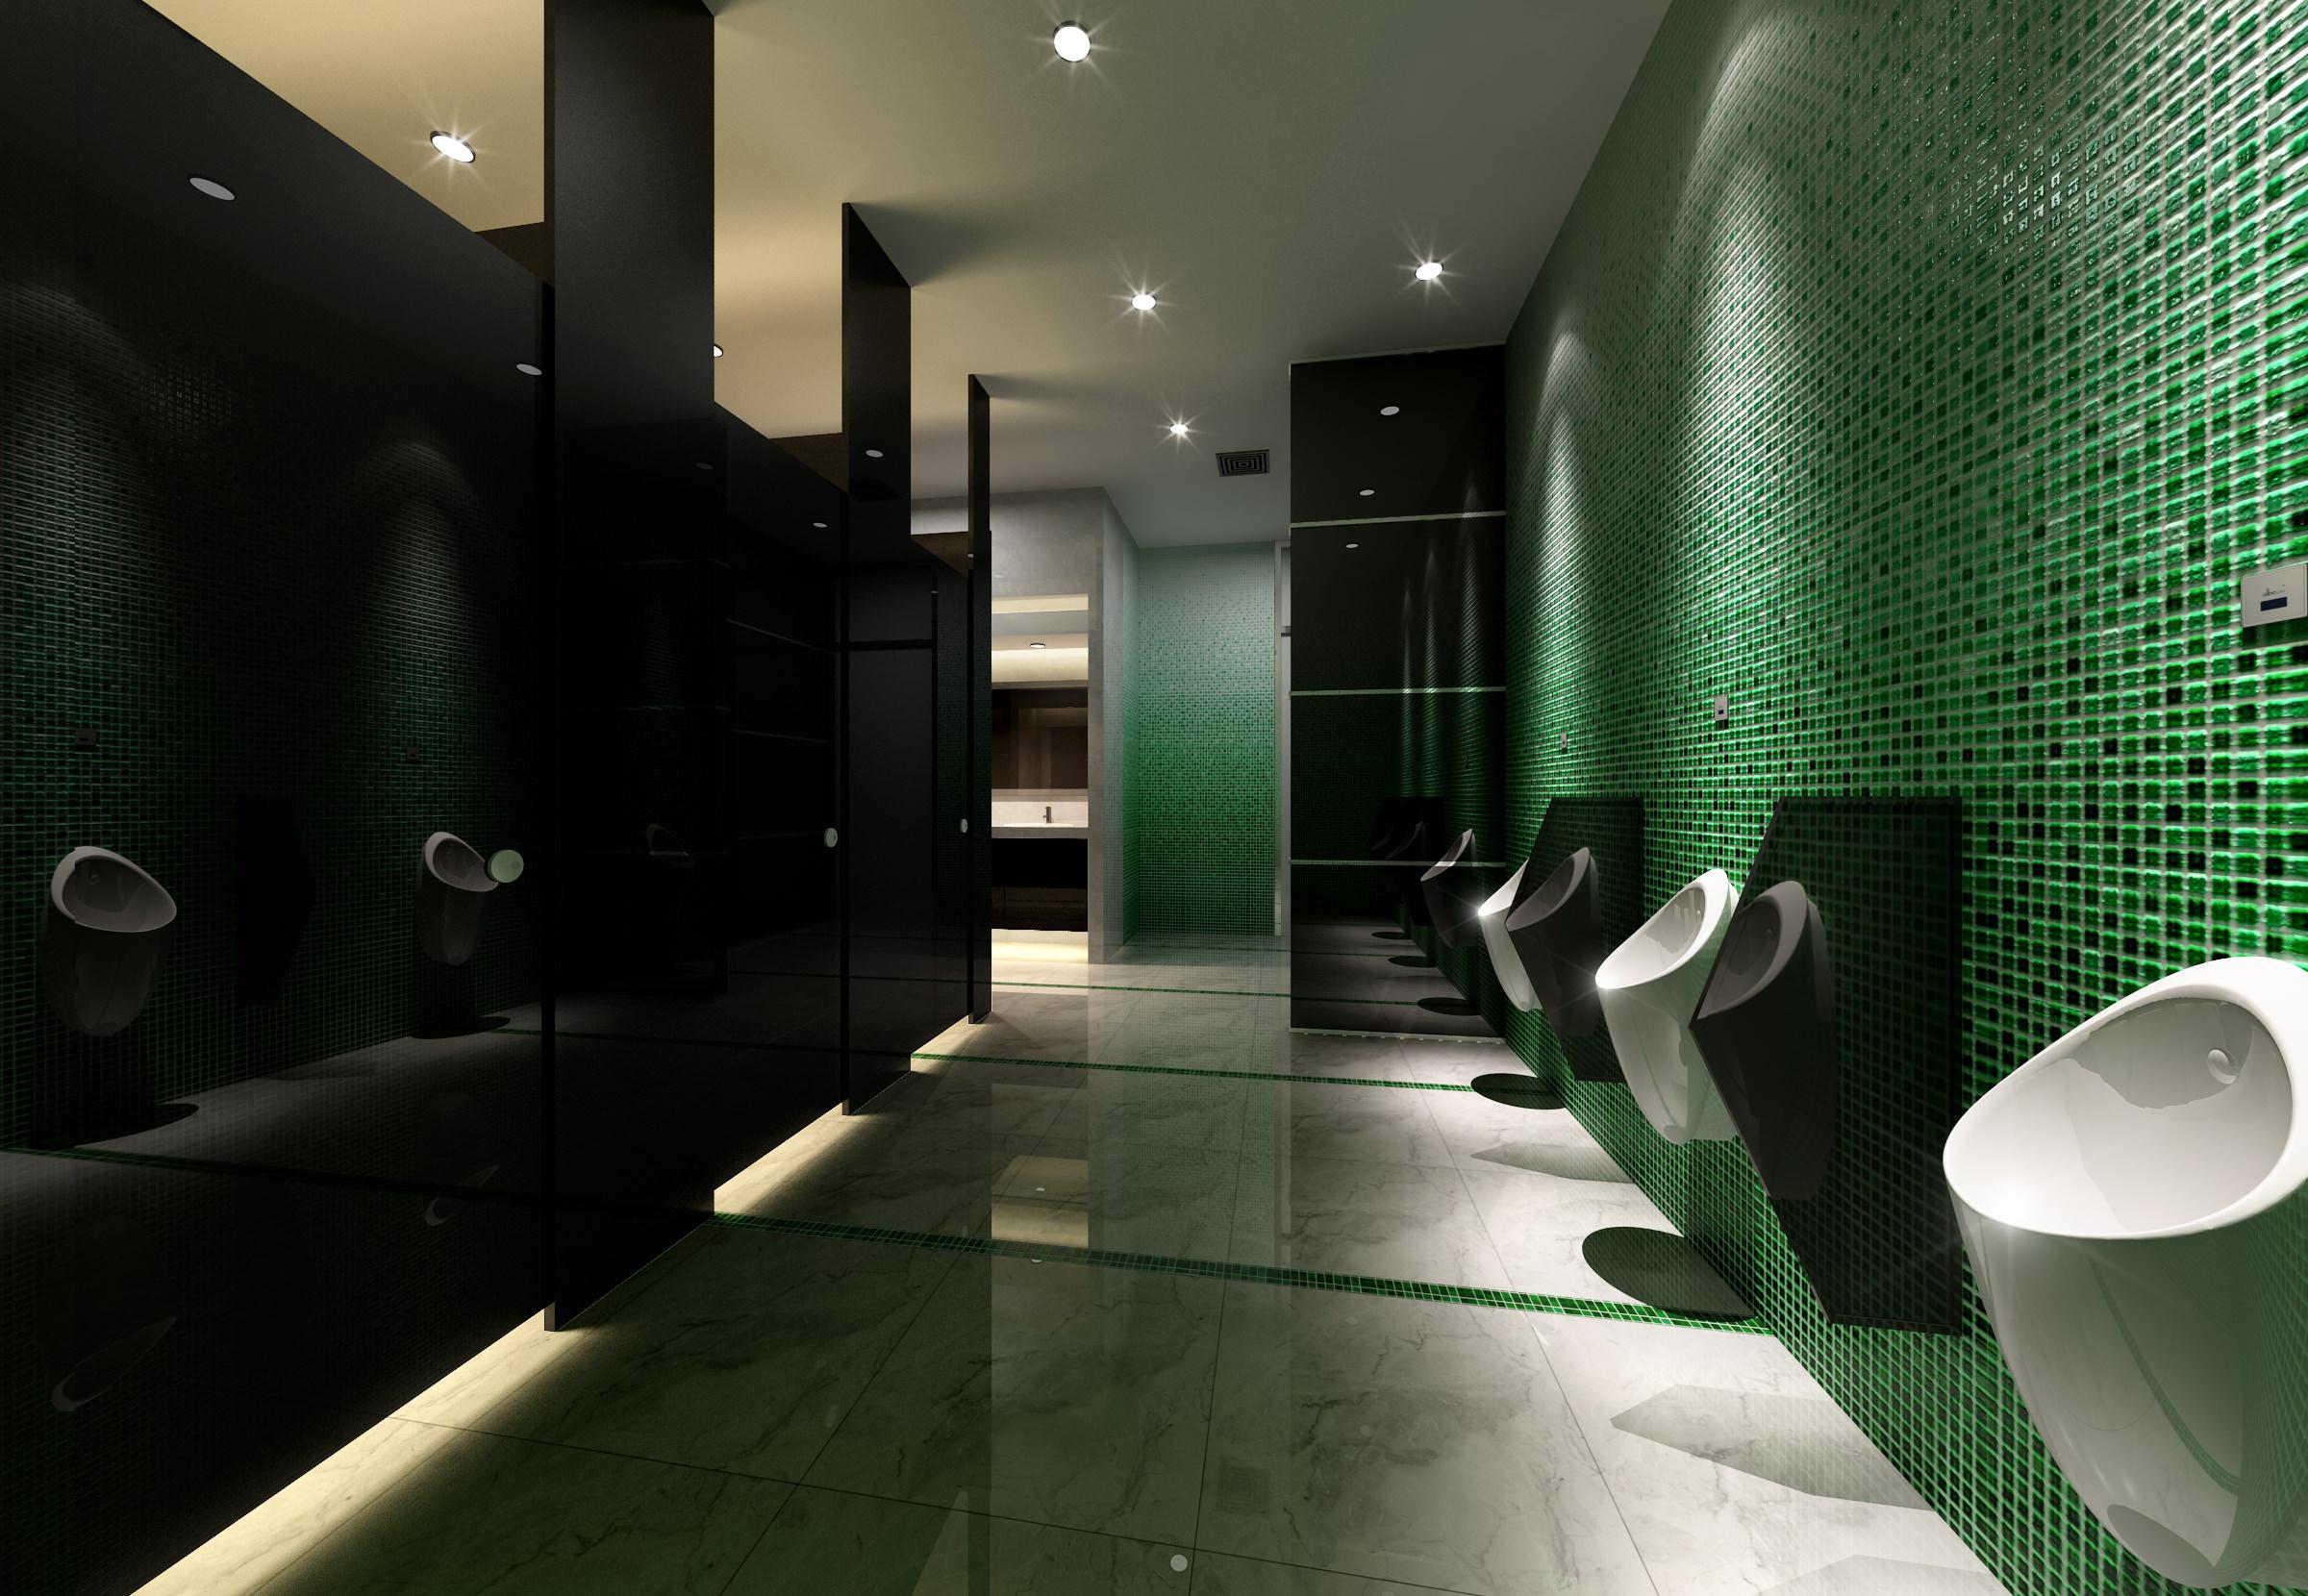 Public Bathroom 3d Model Max 1